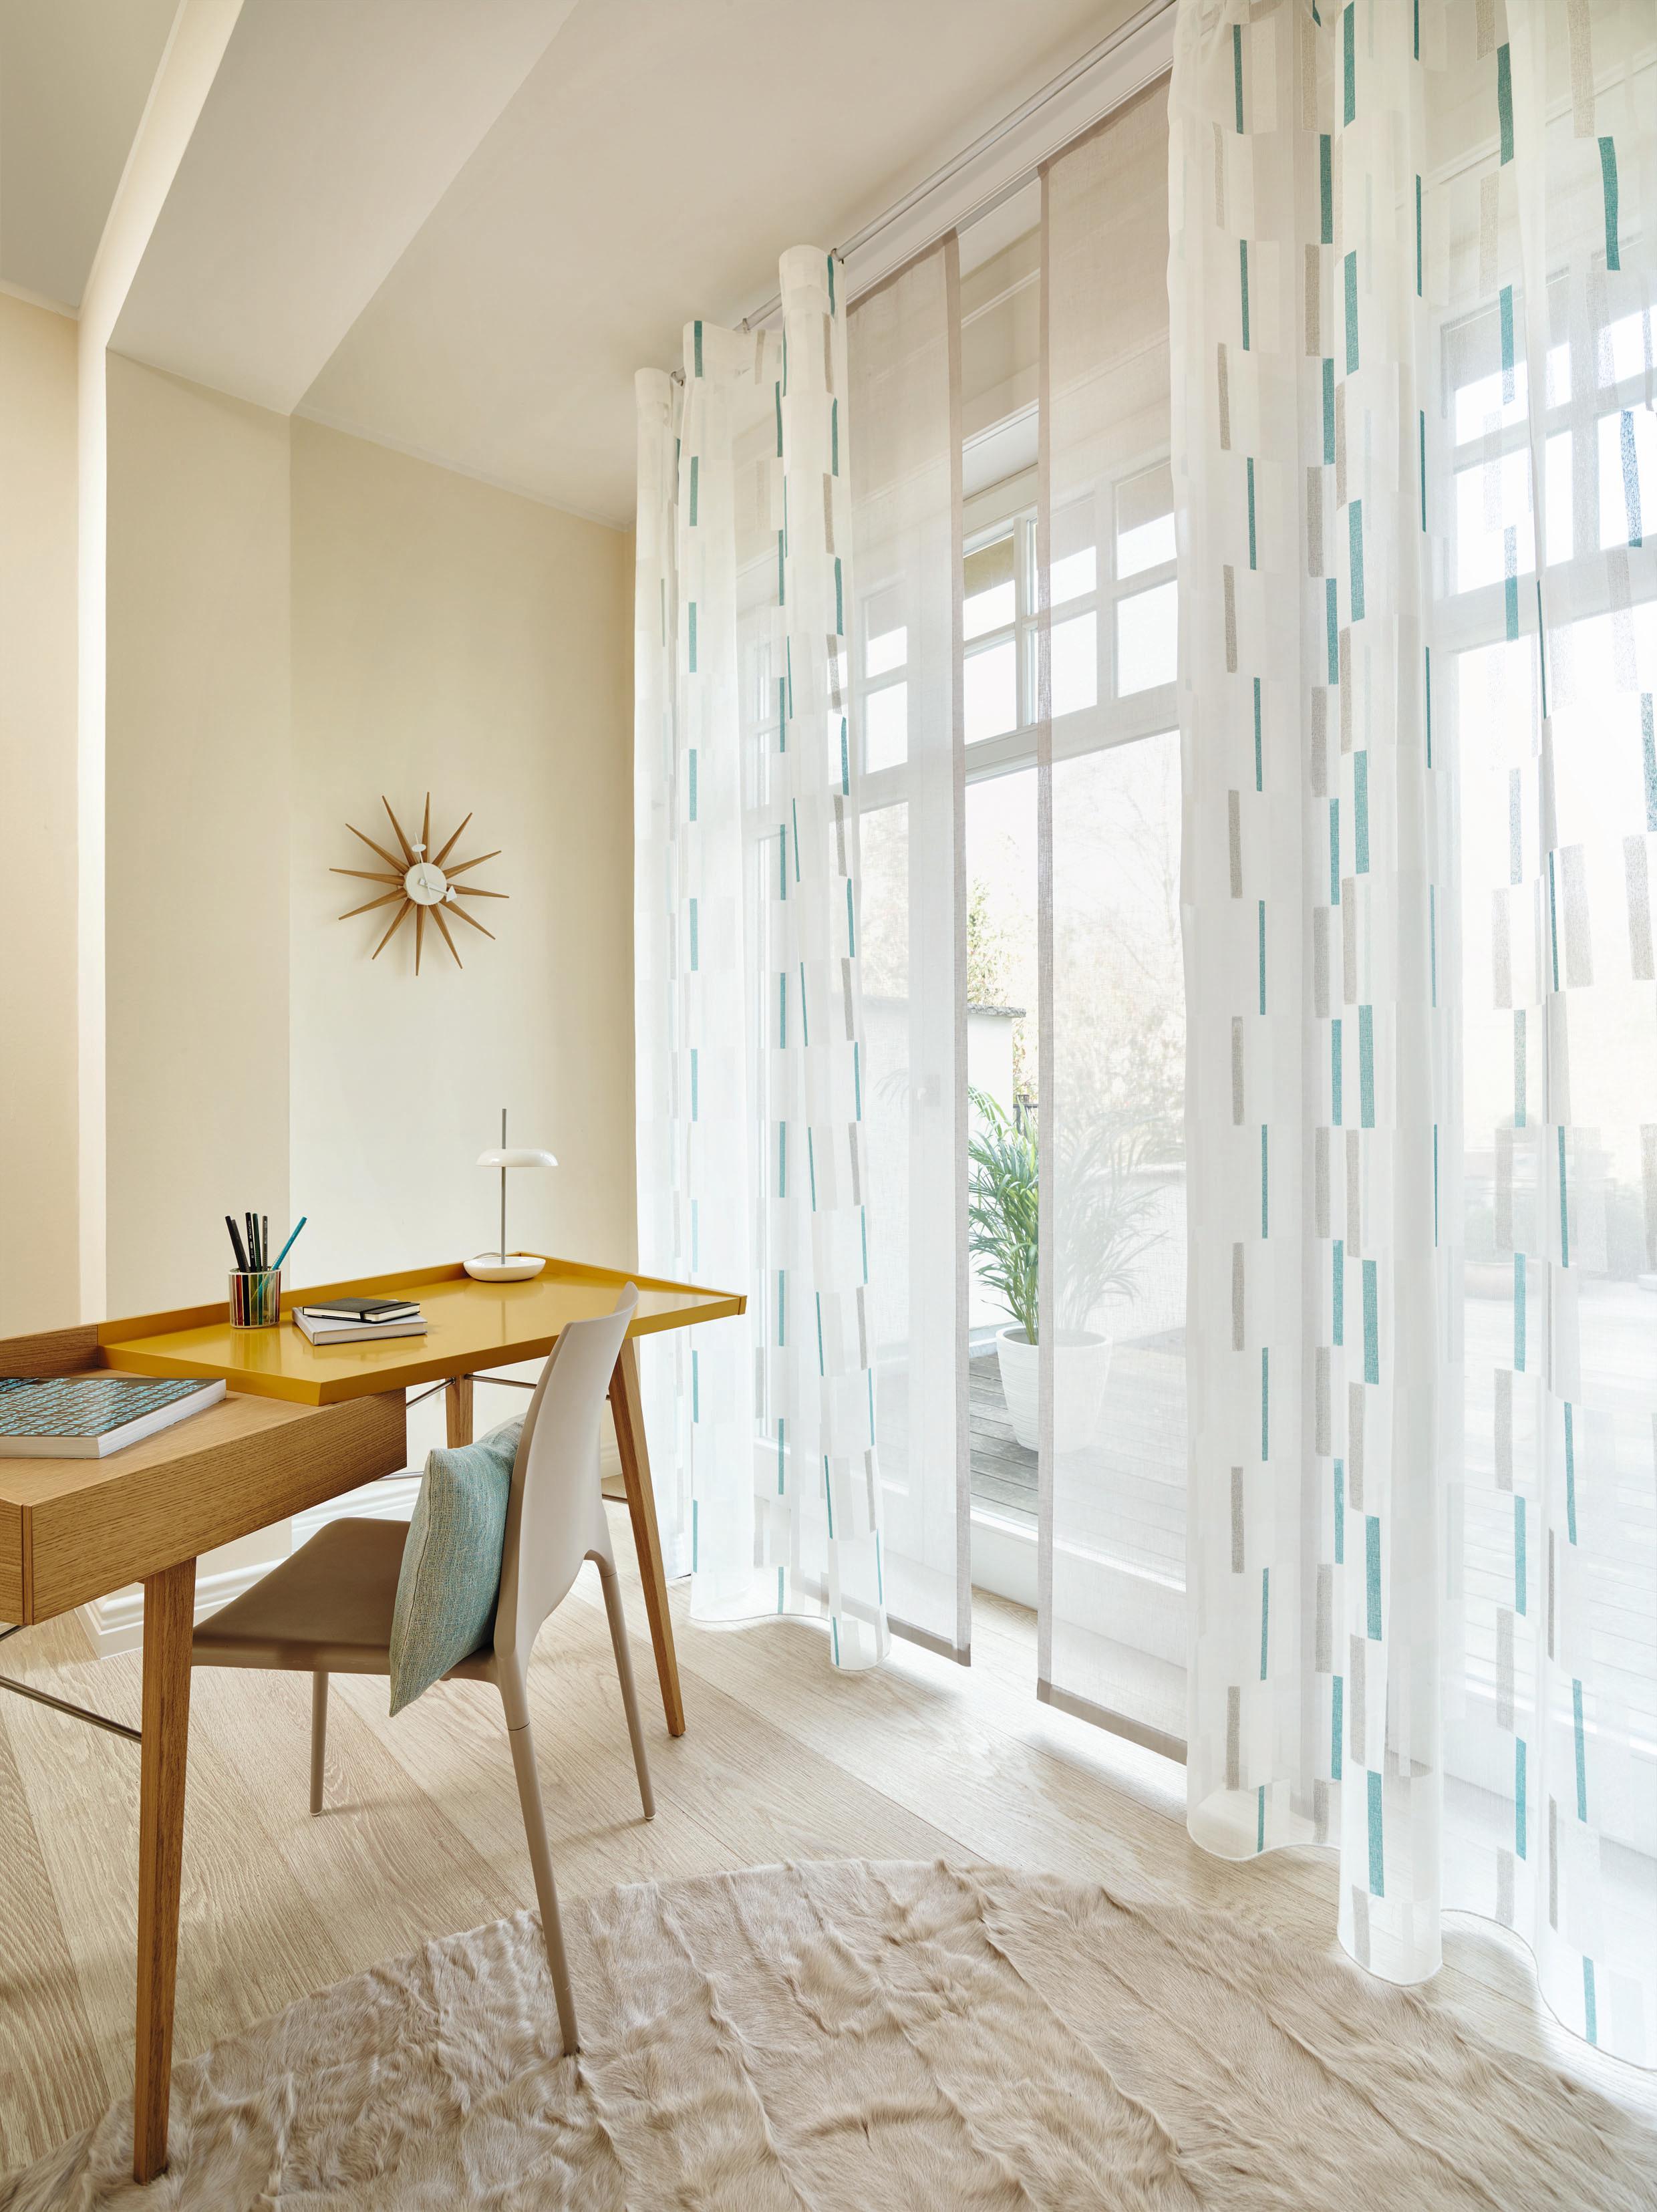 Moderne Deko In Hellem Wohnzimmer #flächenvorhang ©Ado